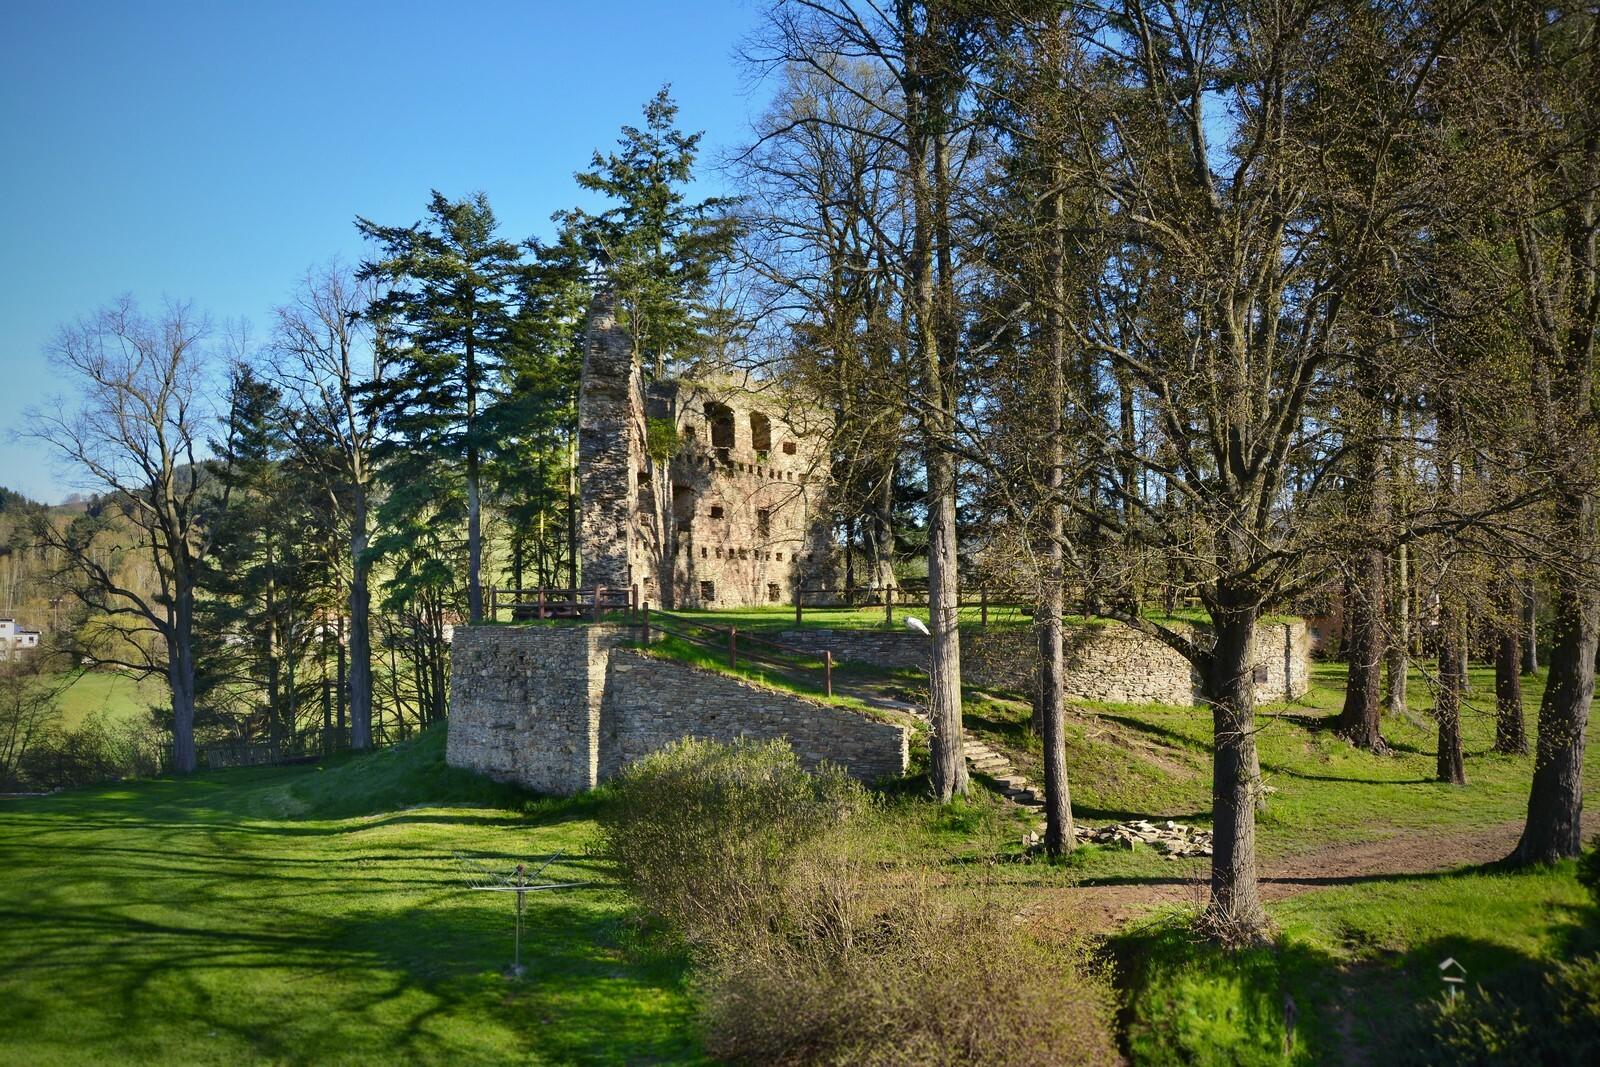 Zajímavé lokality k navštívení - zřícenina hradu v Dalečíně